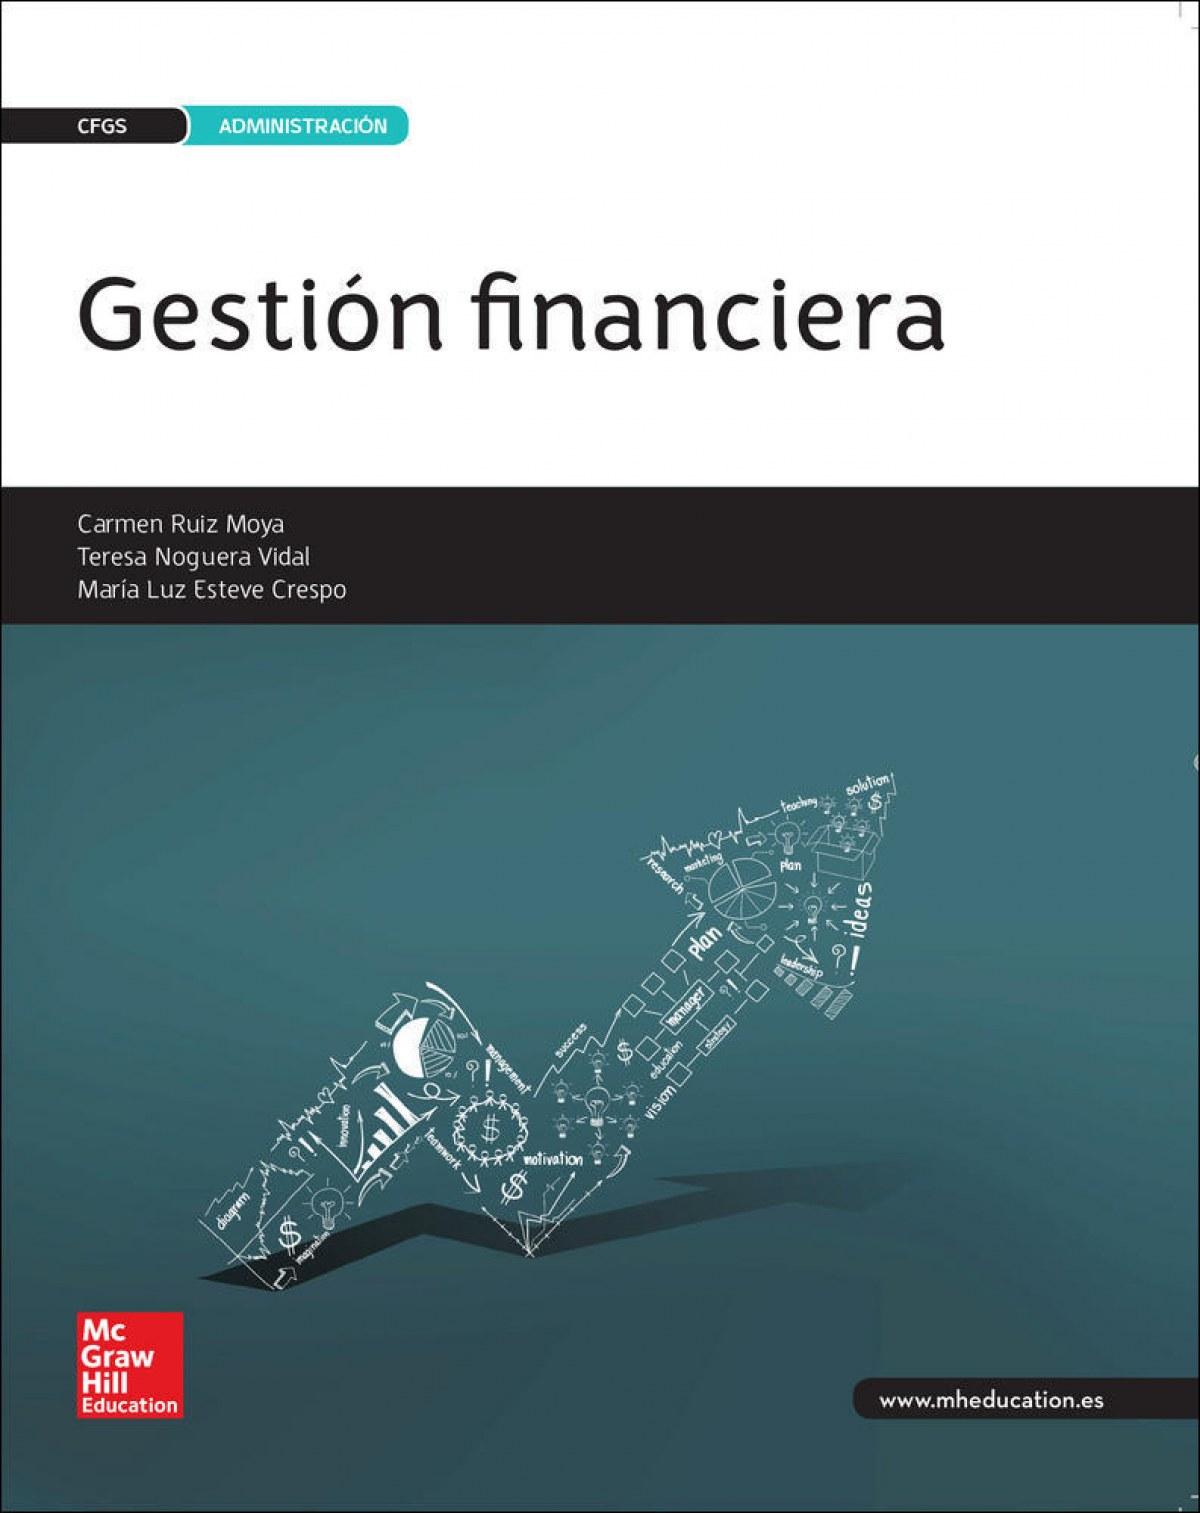 Gestión financiera, ciclo formativo grado superior